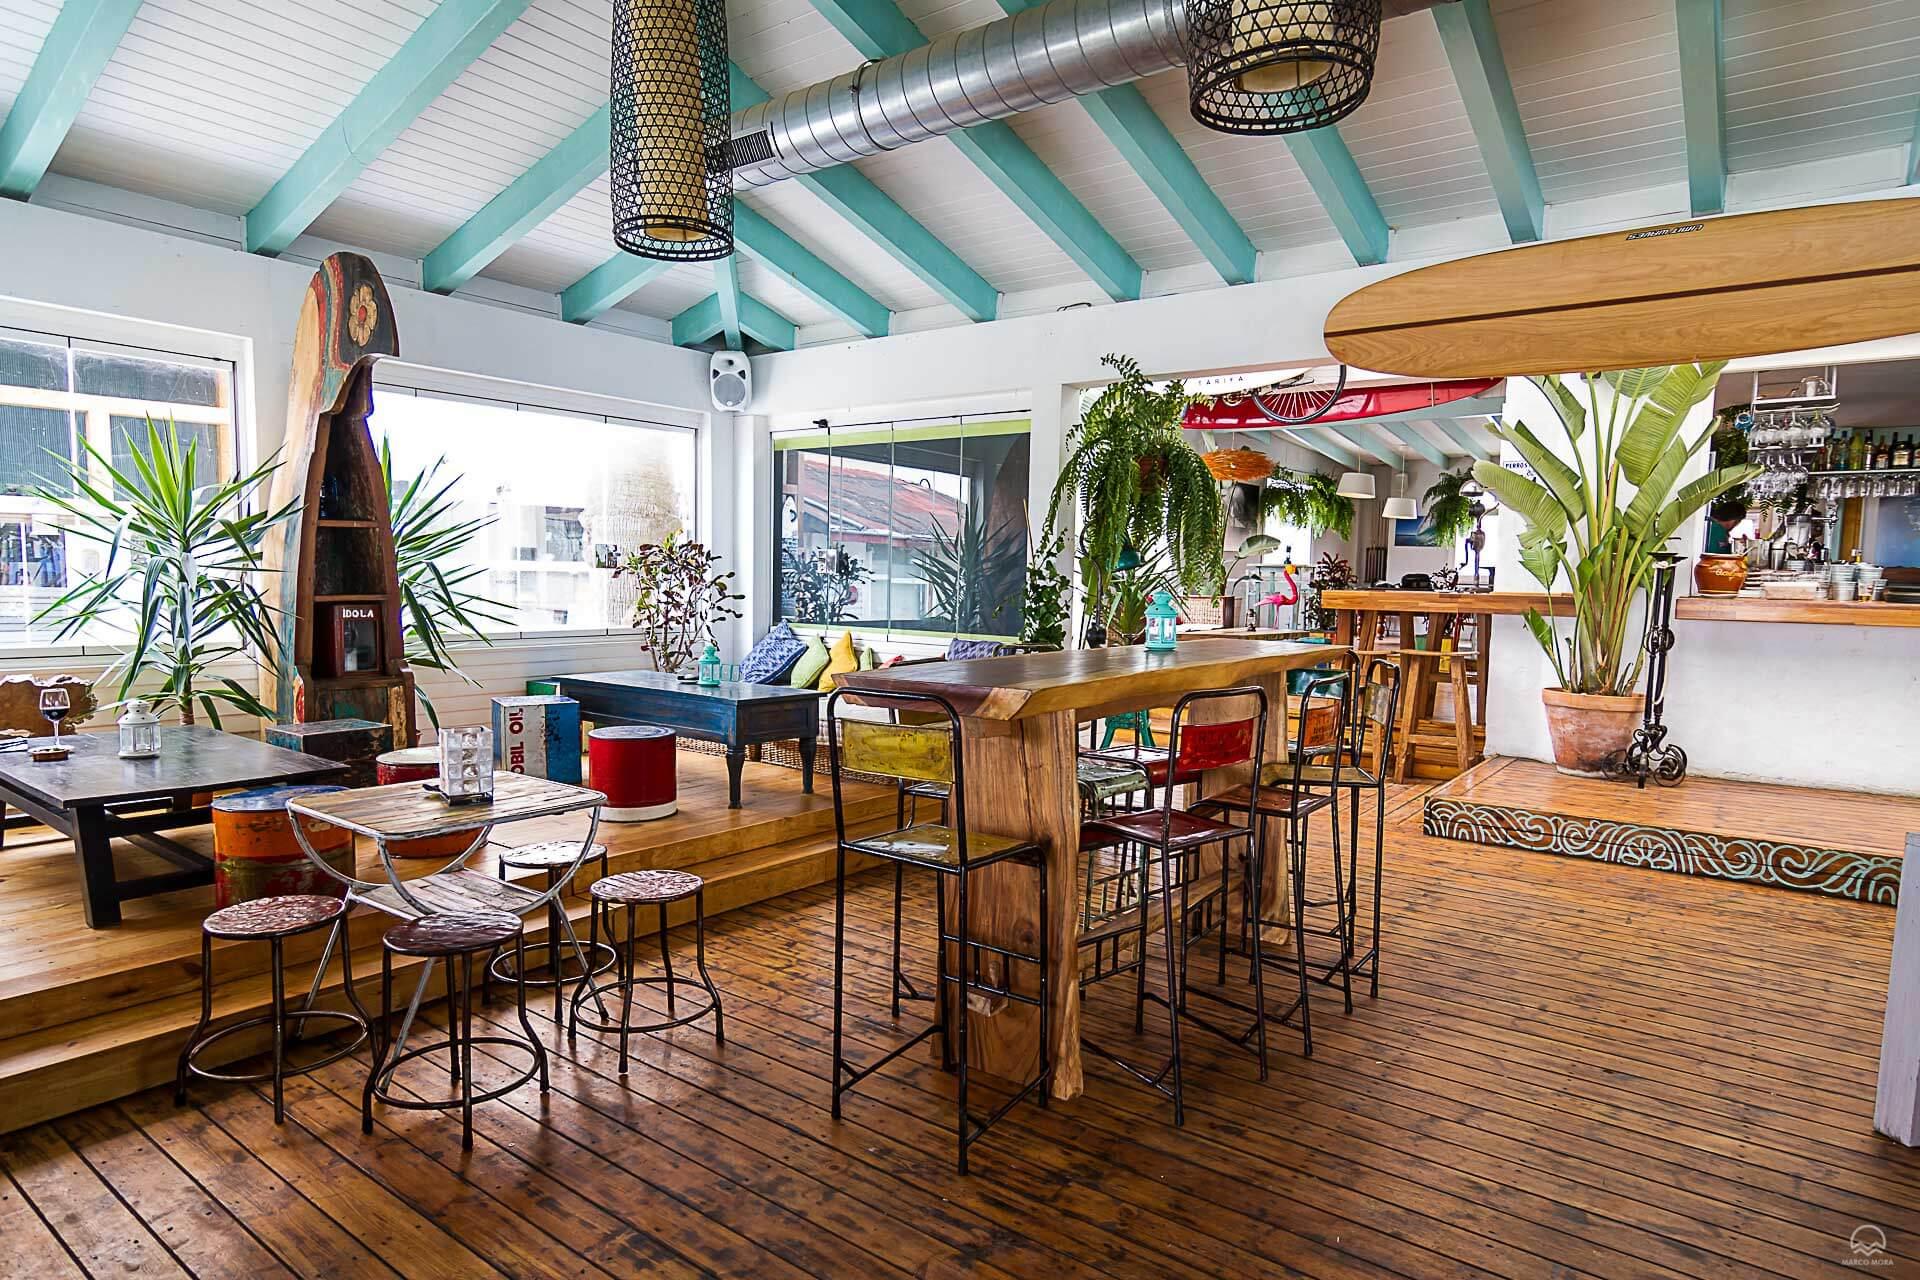 Restaurante en Tarifa Hotel Misiana